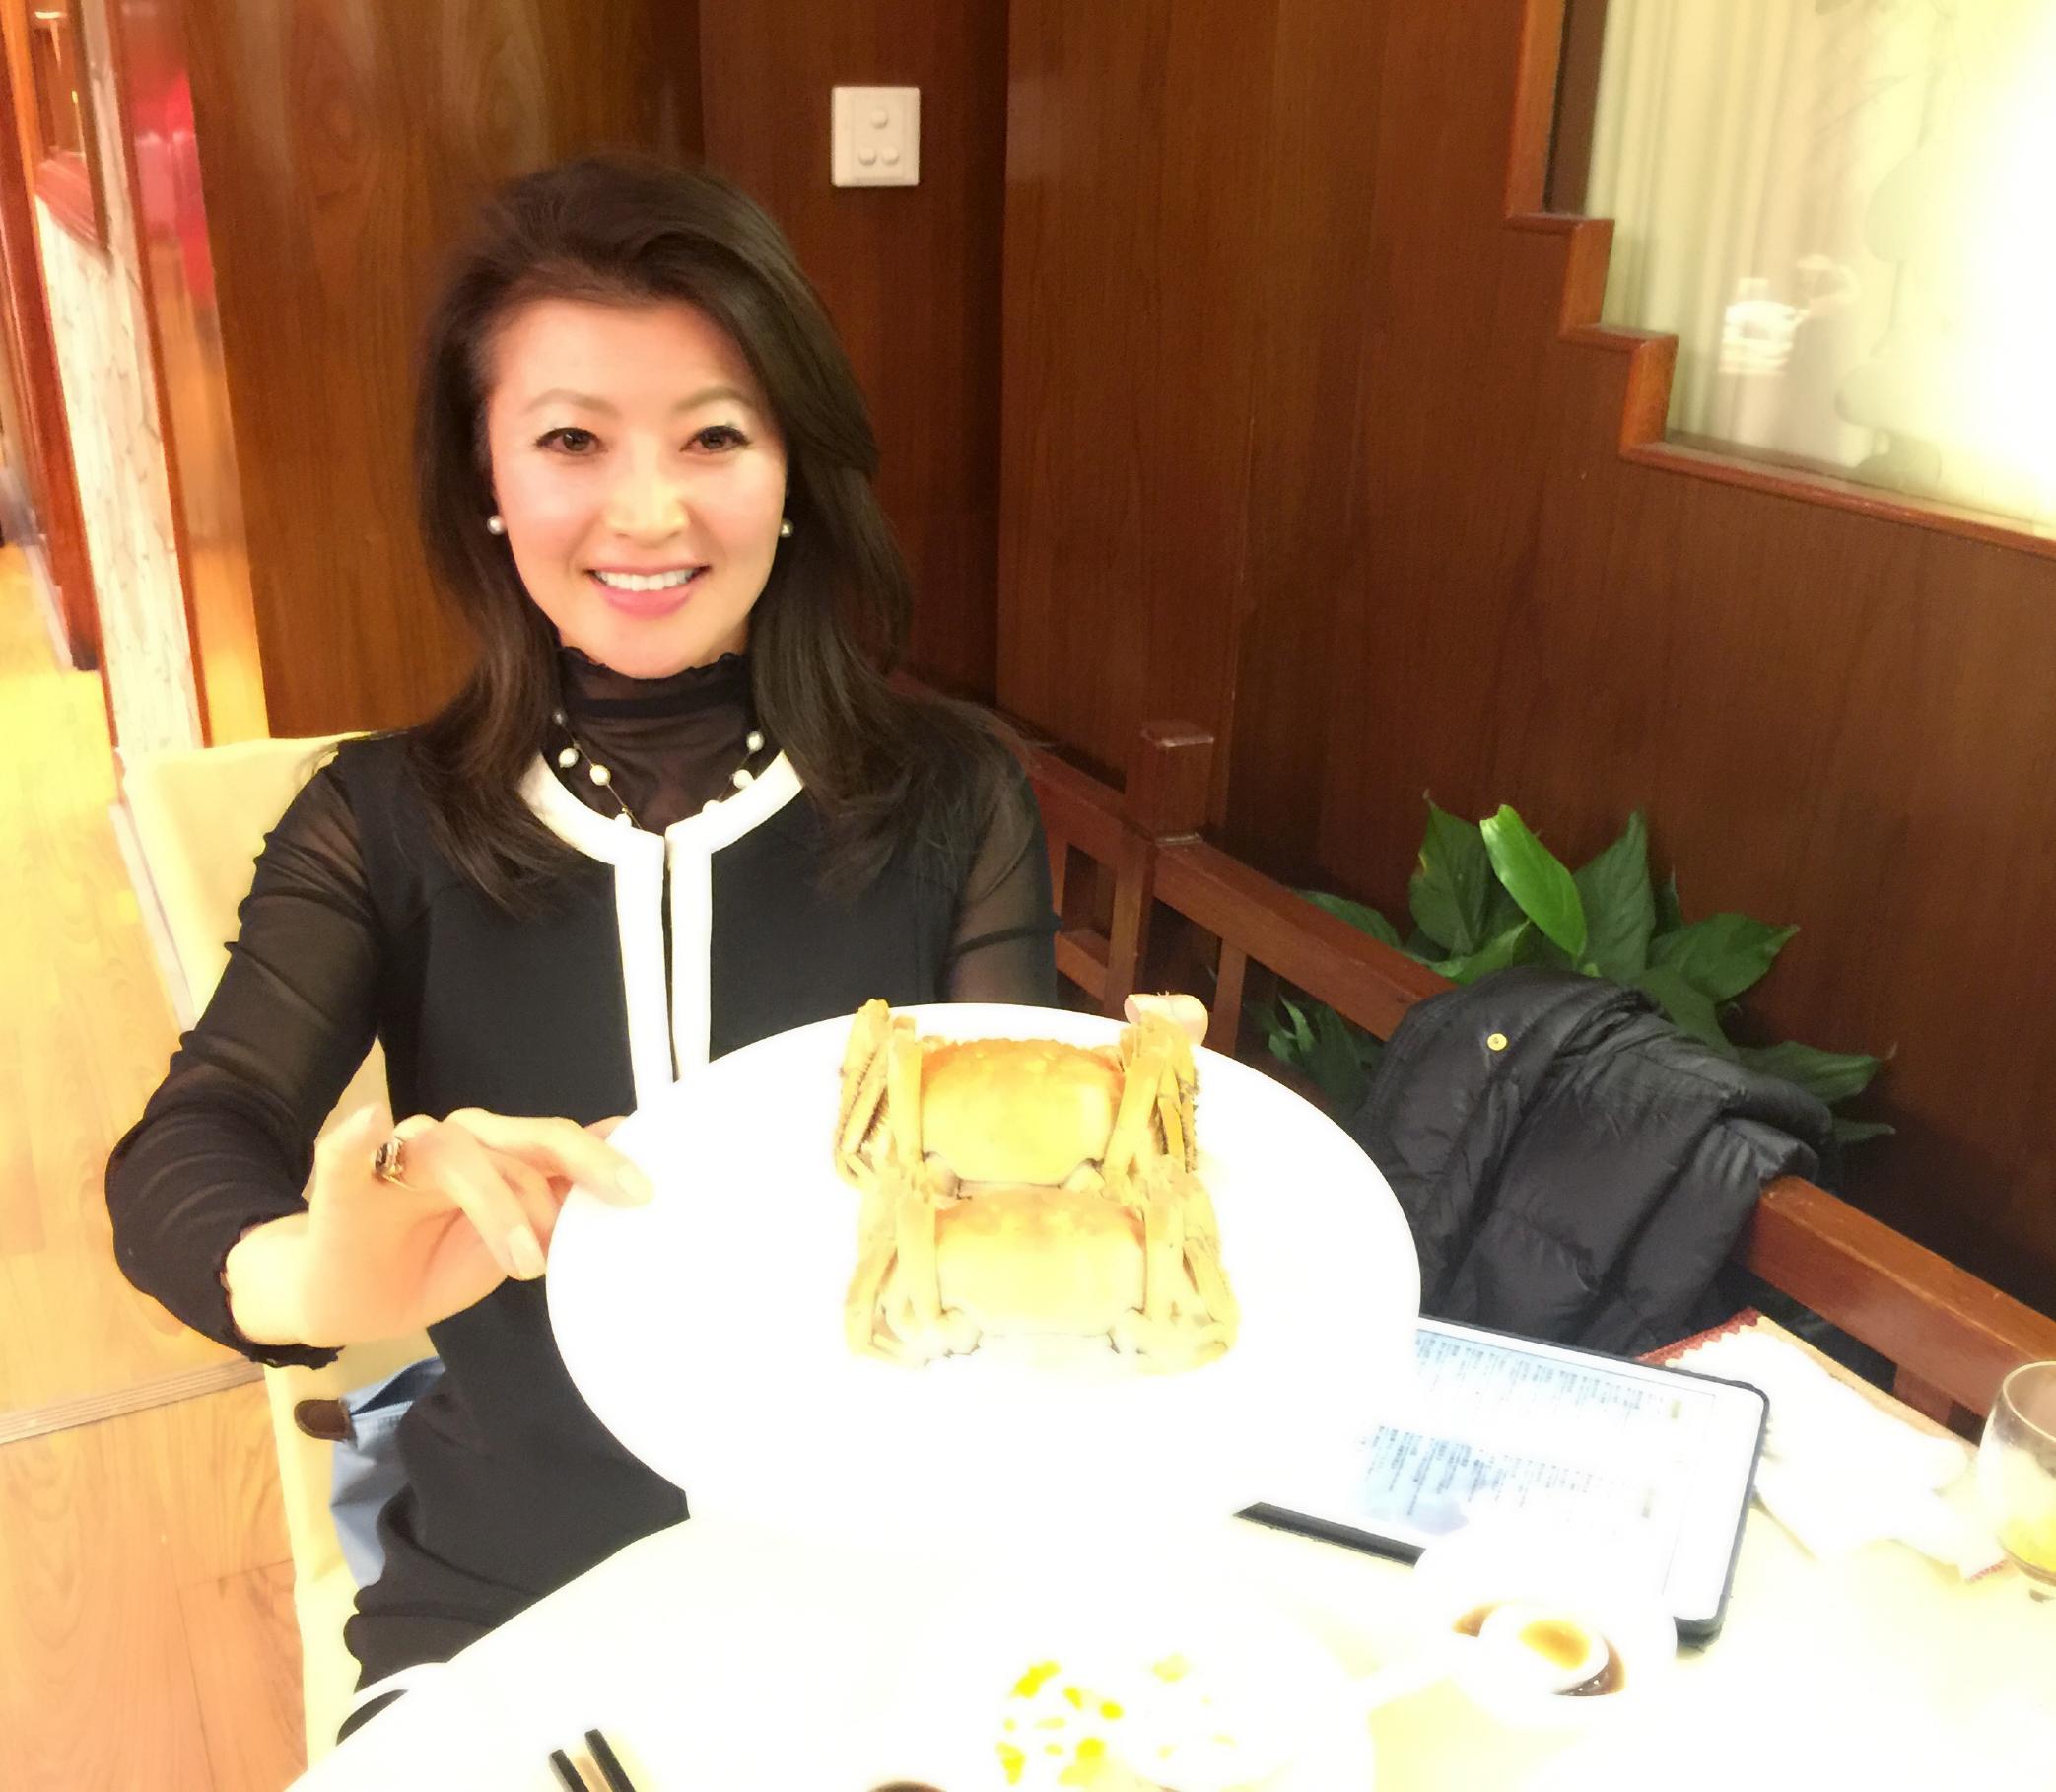 上海トリップ ② 浦東新区のスイートルーム・上海蟹全席・シェアリングエコノミー